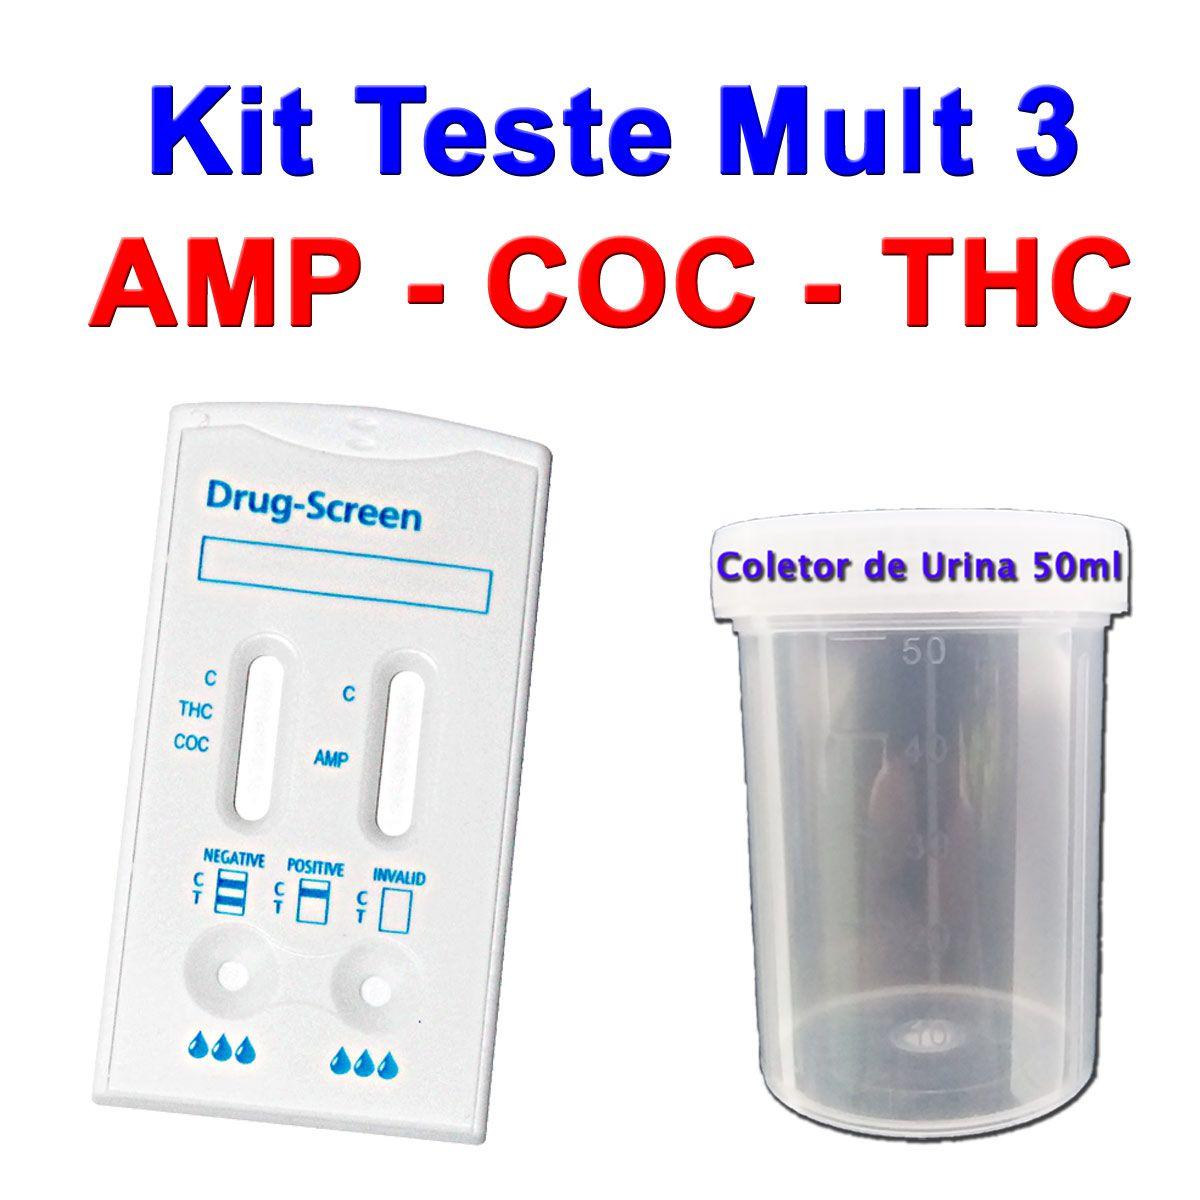 01 Kit para teste de AMP+COC+THC  - Testes Para Drogas e COVID-19. Máscaras e Como Parar de Beber e Fumar